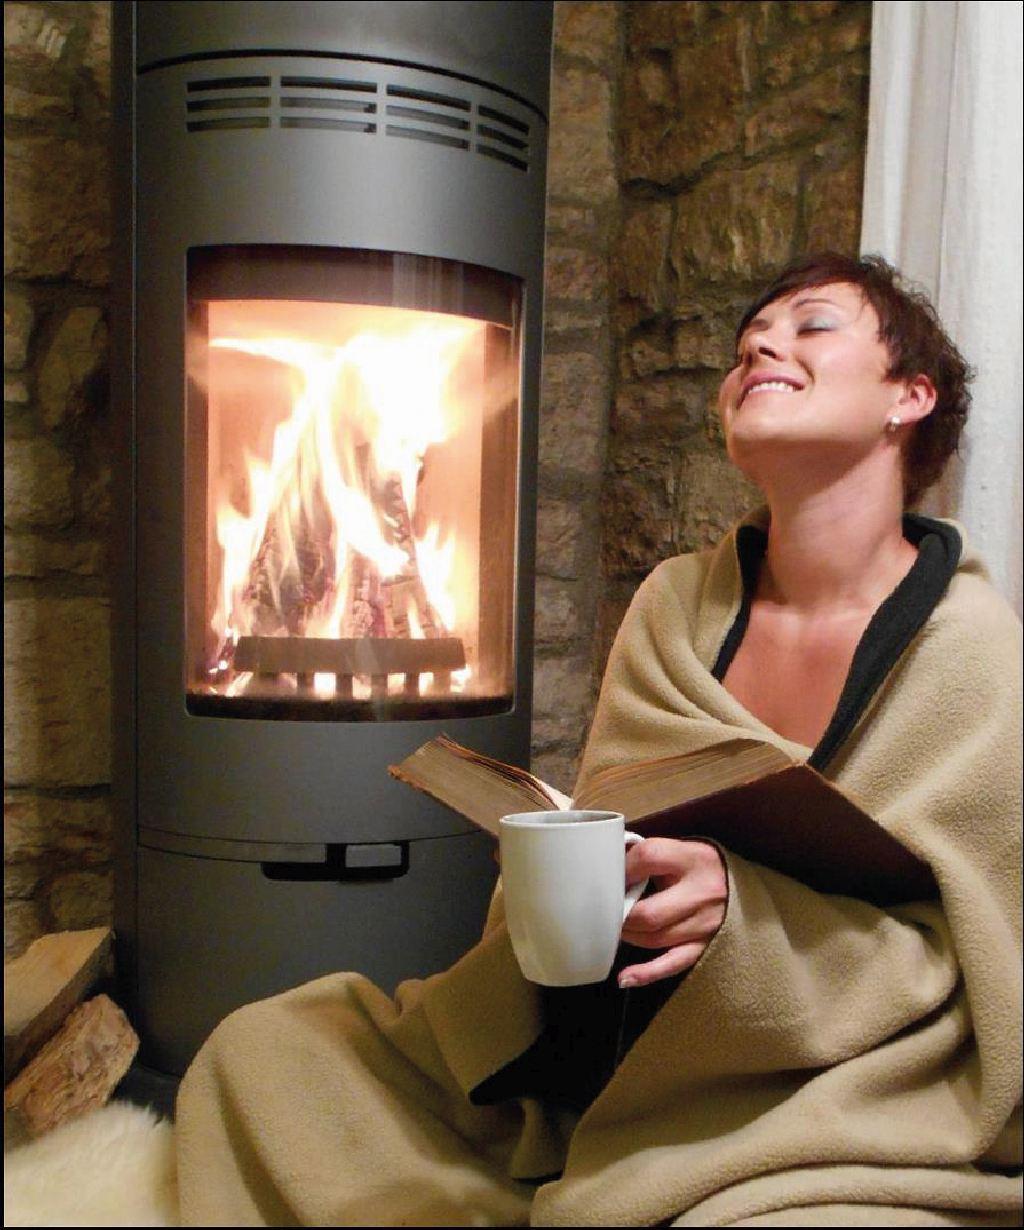 Frau sitzt mit einem Buch vor einem brennenden Ofen. Die Heizungsanlage funktioniert dank Fachmann.